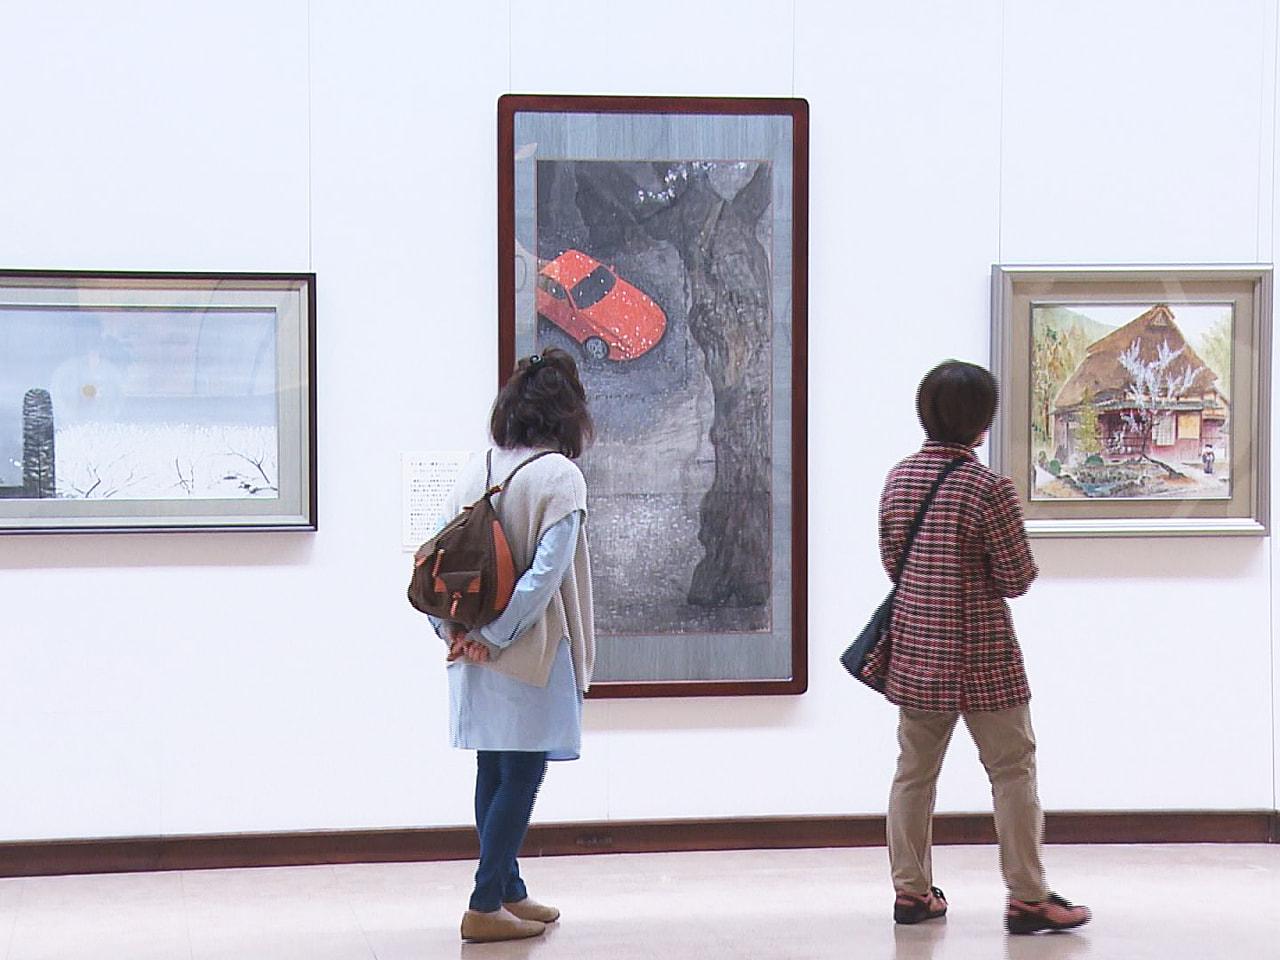 岐阜県大垣市出身の日本画家守屋多々志さんが描いた、春を感じられる作品の企画展が、...